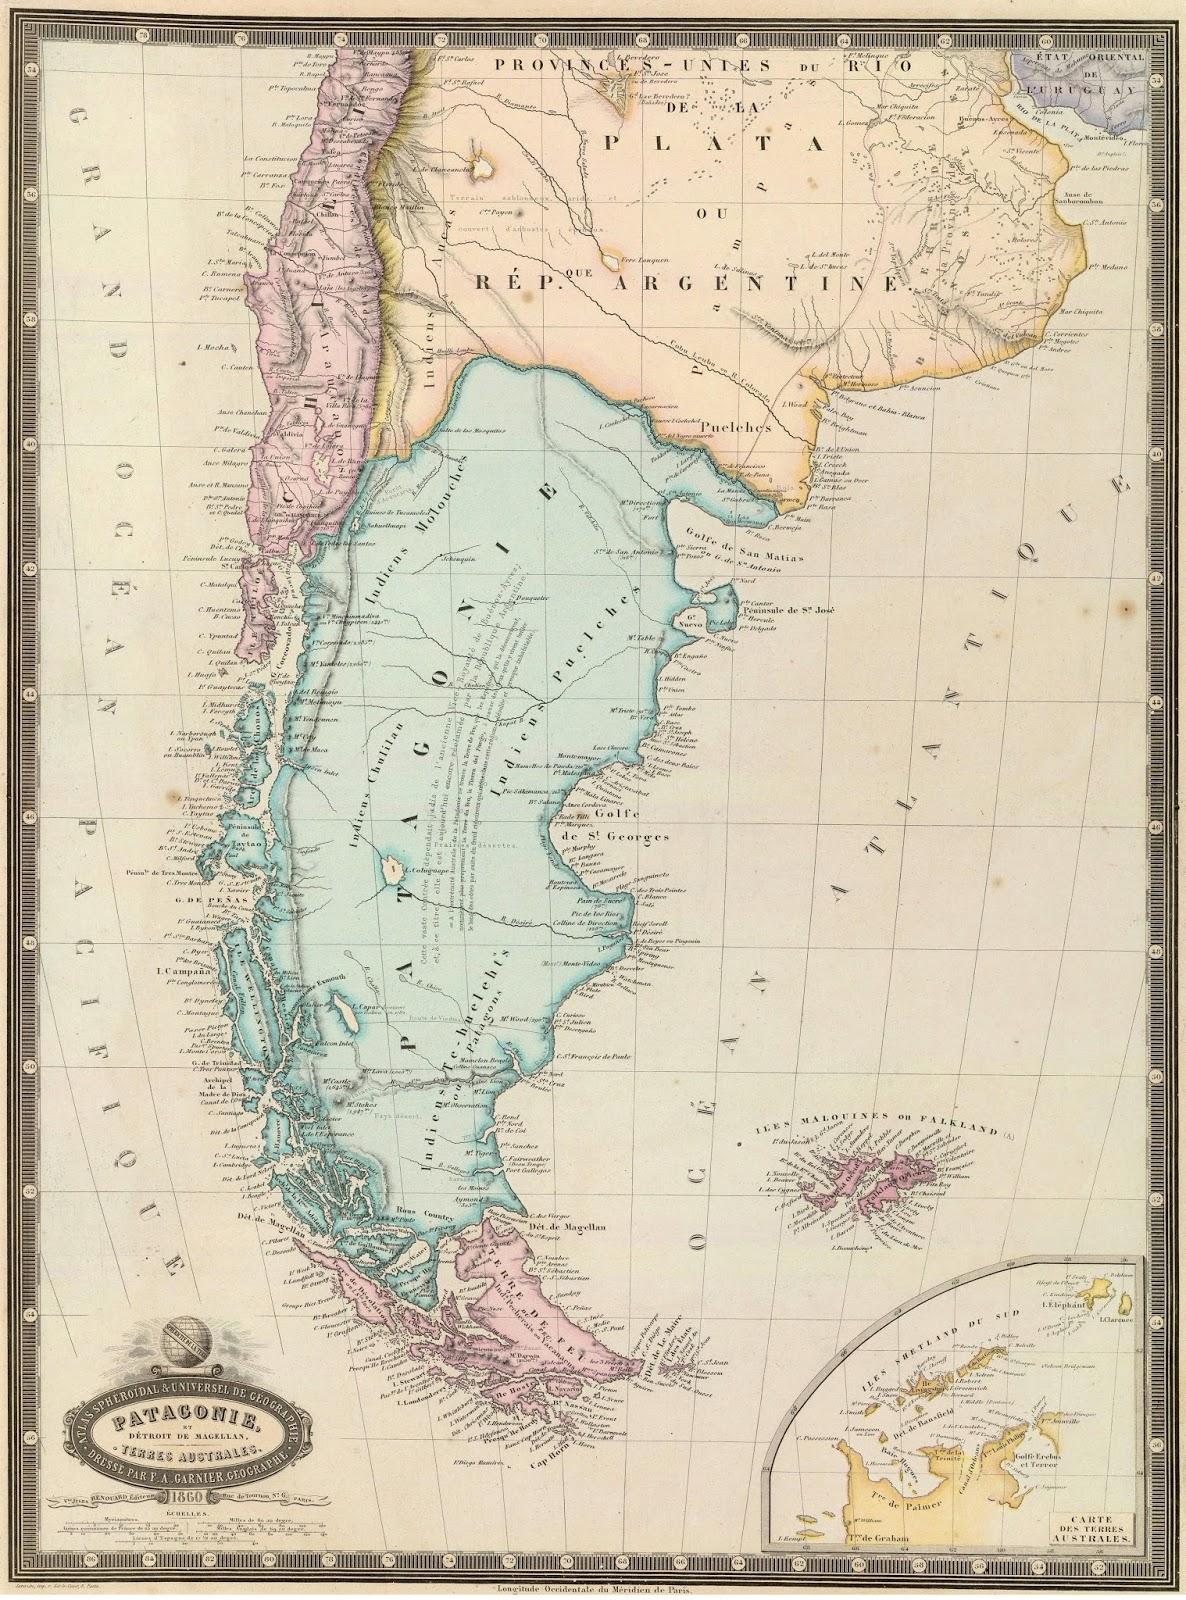 Patagonia-Argentina-26